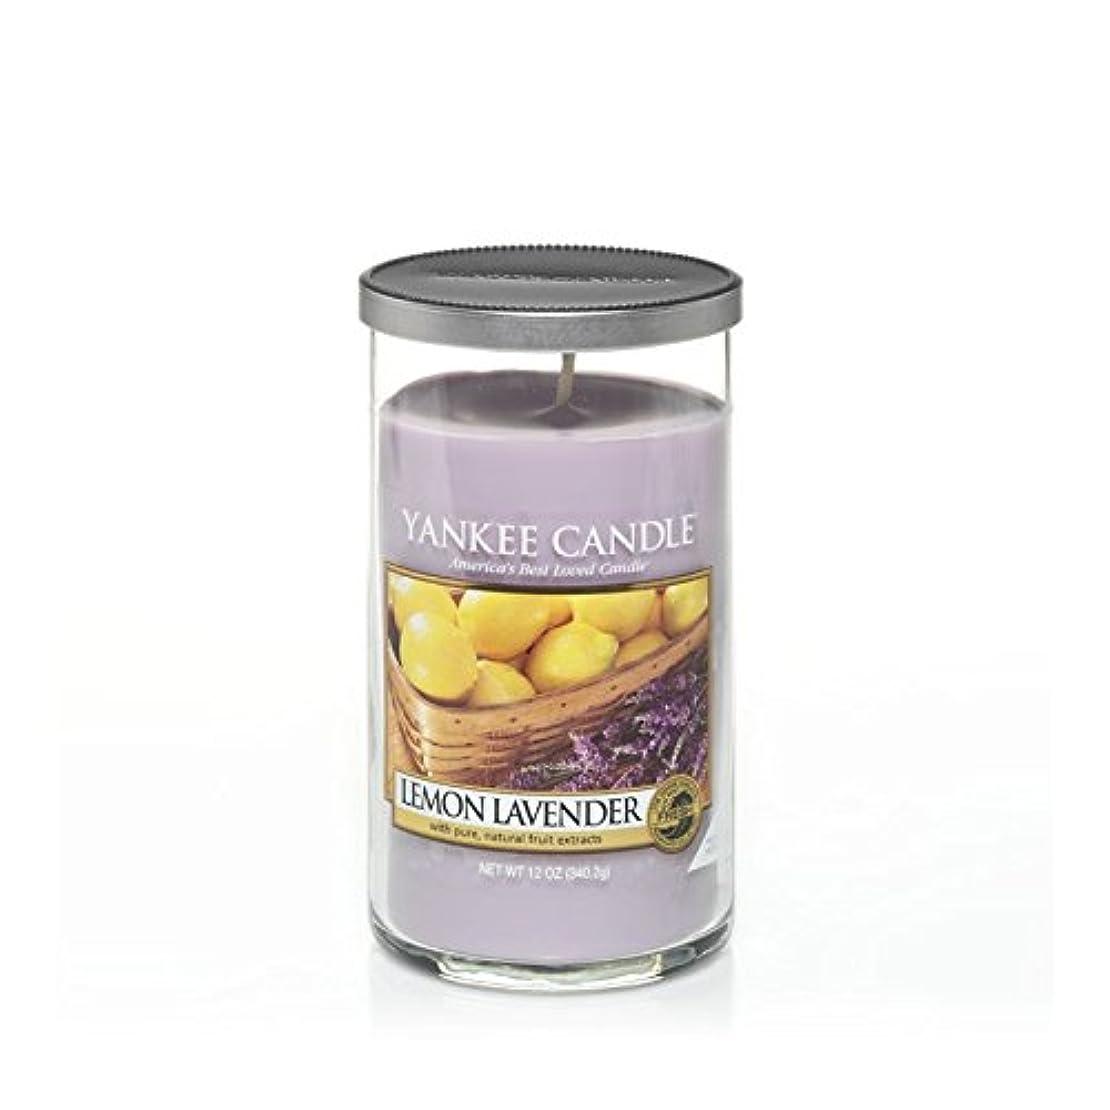 小切手単にアーティキュレーションヤンキーキャンドルメディアピラーキャンドル - レモンラベンダー - Yankee Candles Medium Pillar Candle - Lemon Lavender (Yankee Candles) [並行輸入品]